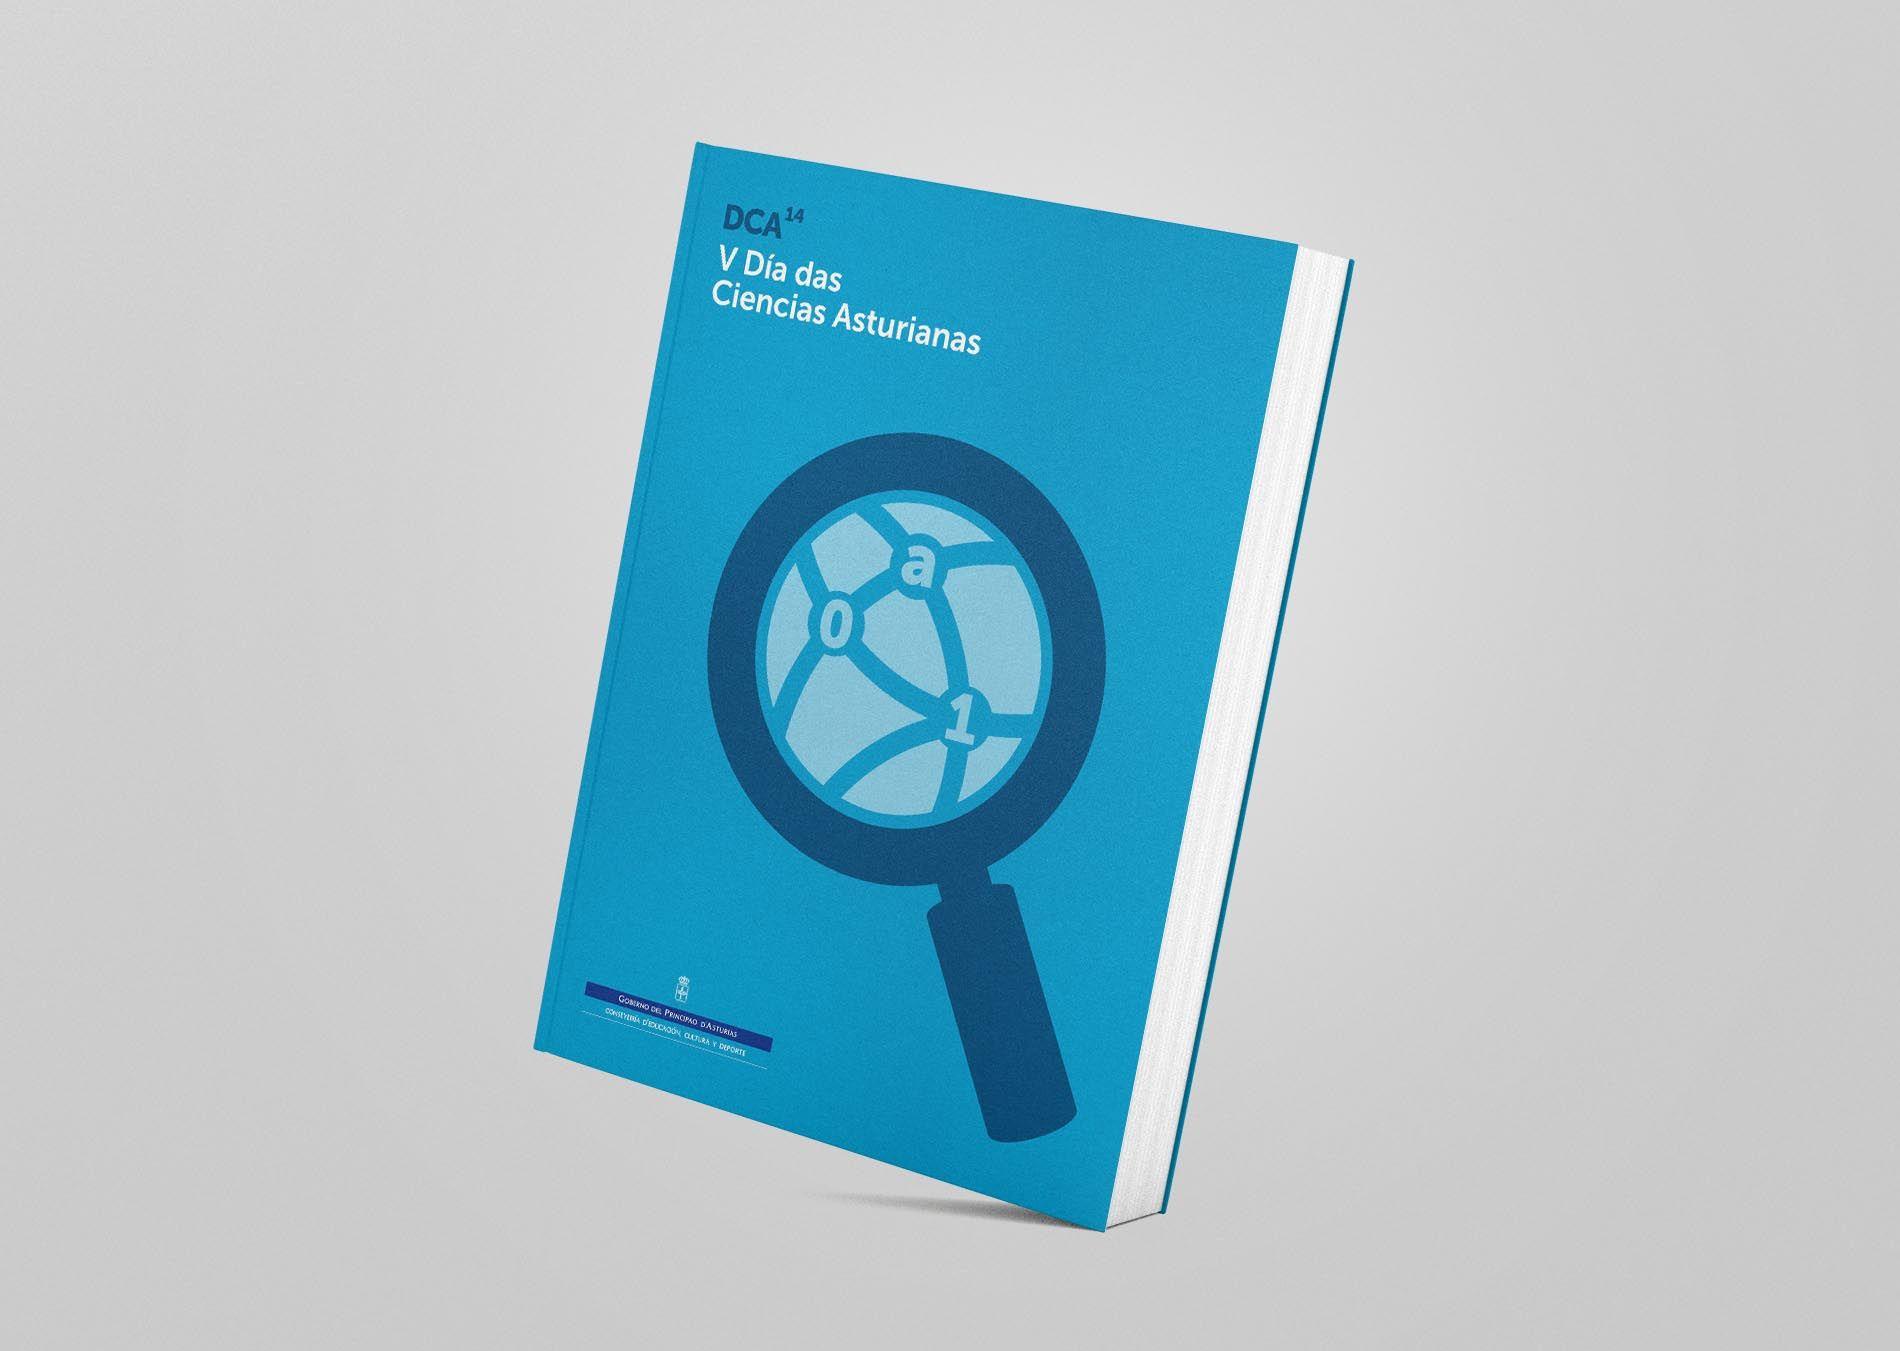 Portada en gallego-asturiano del libro para el V Día de les Ciencies Asturianes